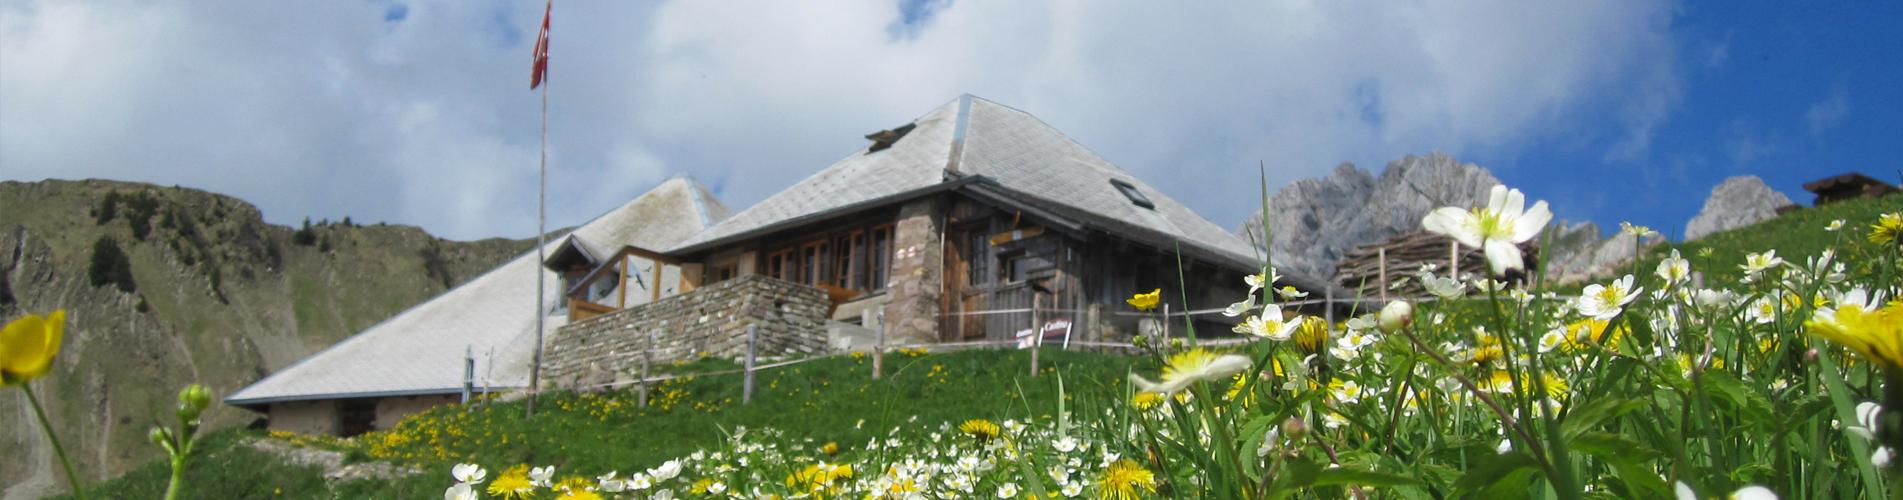 Hüttenwanderungen Schweiz zu SAC-Hütten, von Hütte zu Hütte wandern